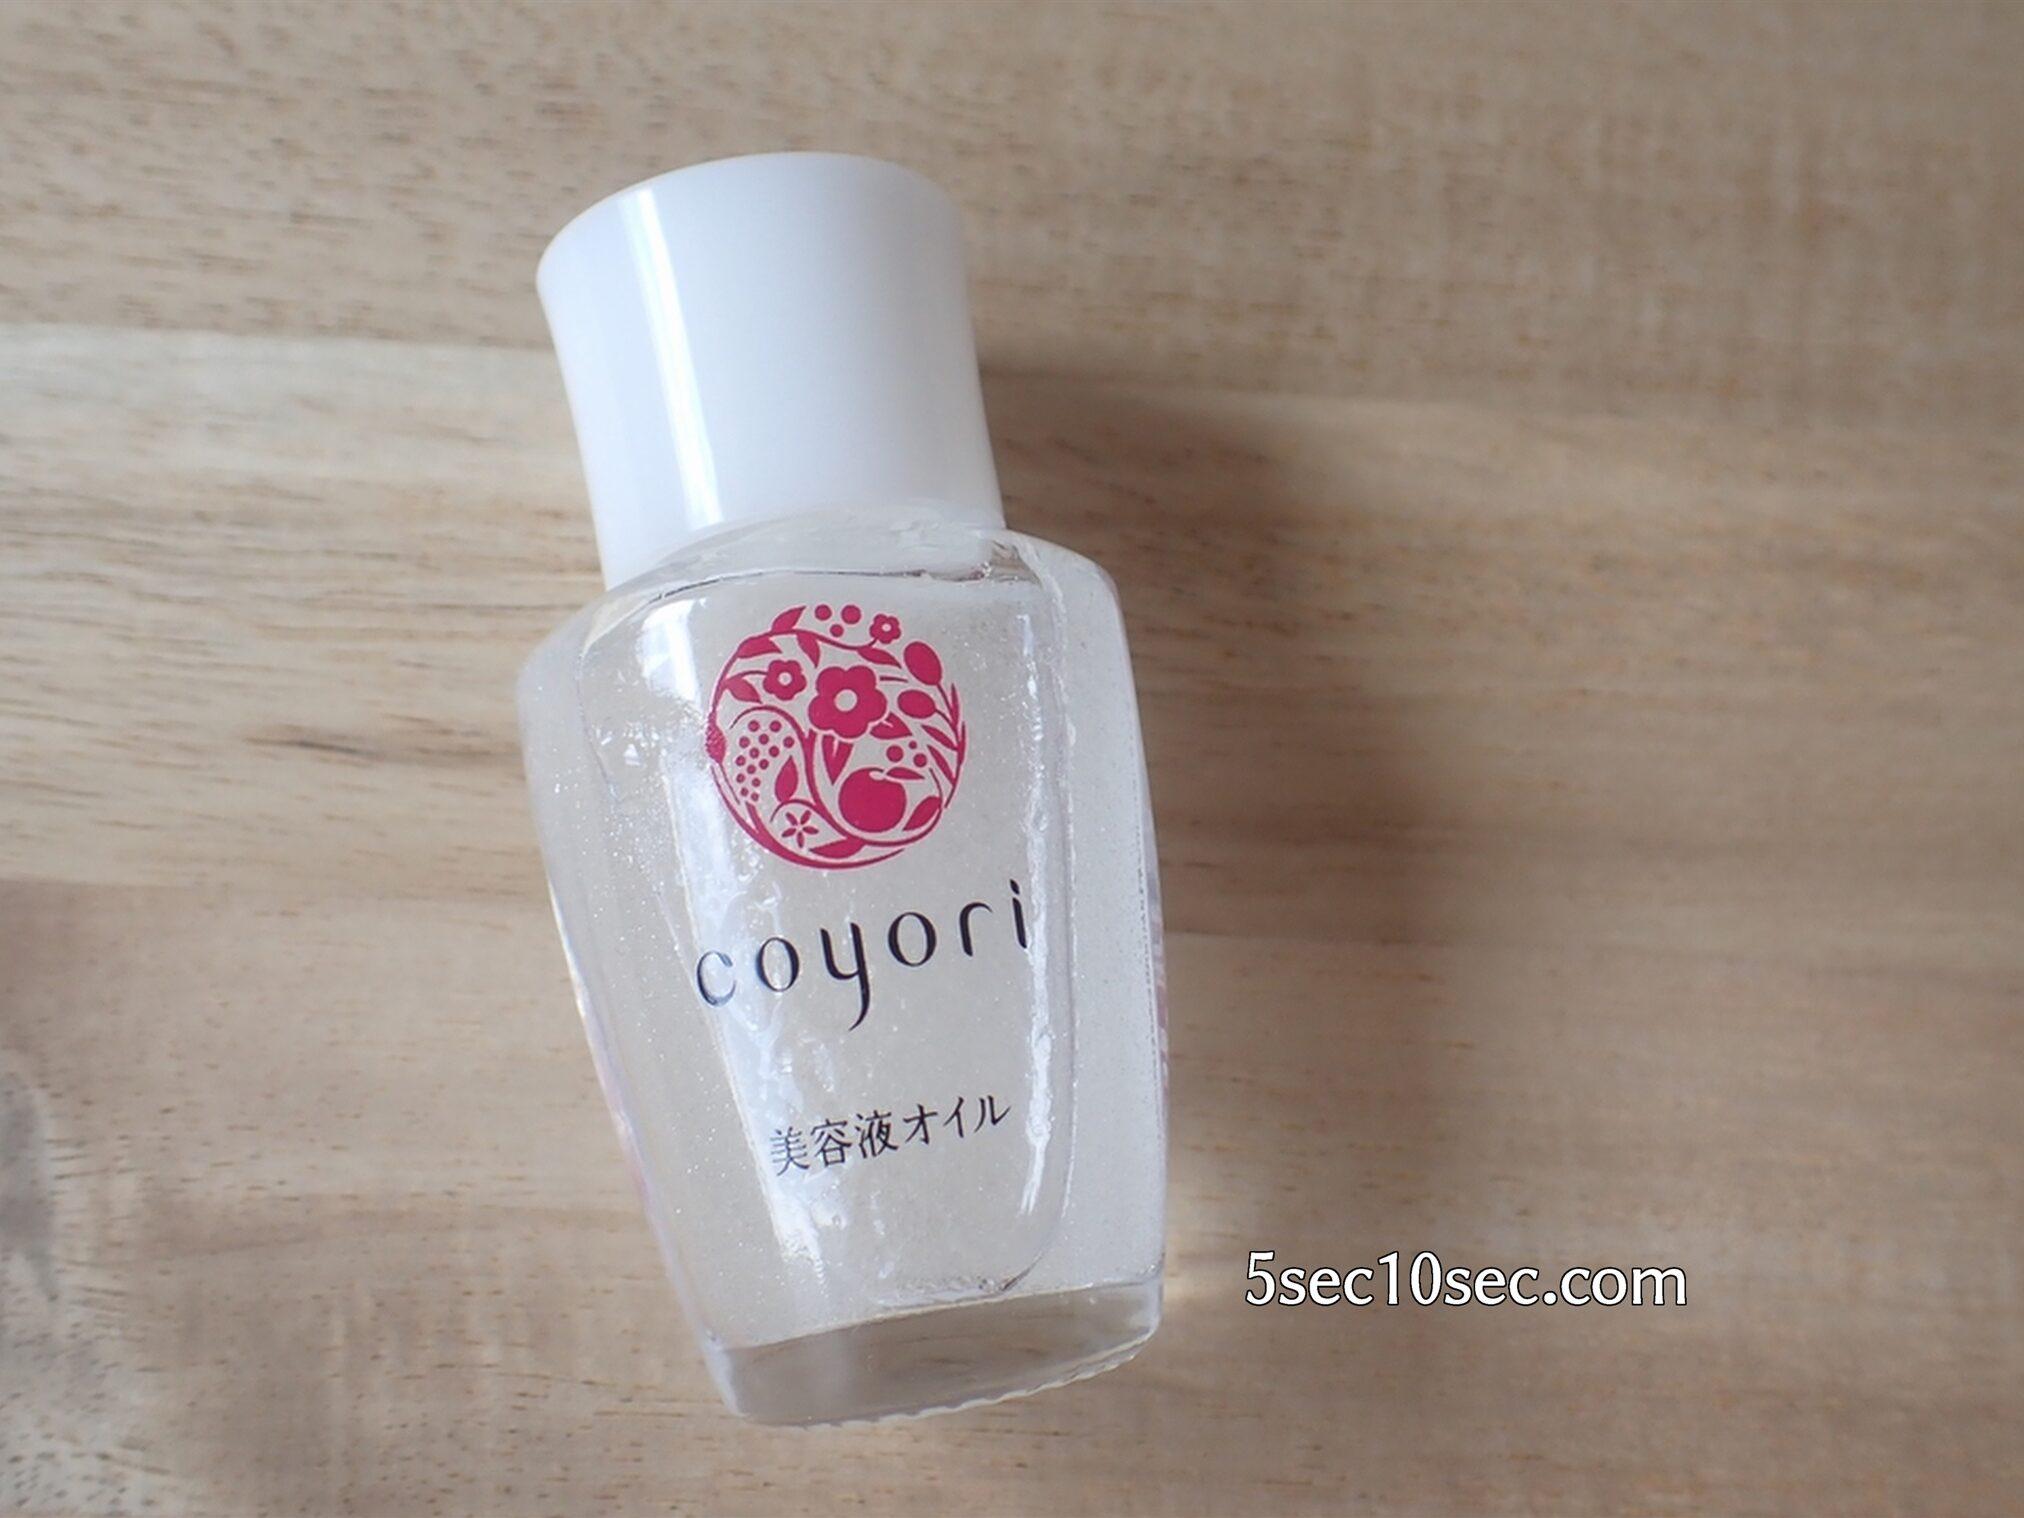 Coyoriトライアルセット 14日間ハリツヤ体験セット 株式会社JIMOS 美容液オイル 美容液とオイルが配合されているので振って混ぜてから使います